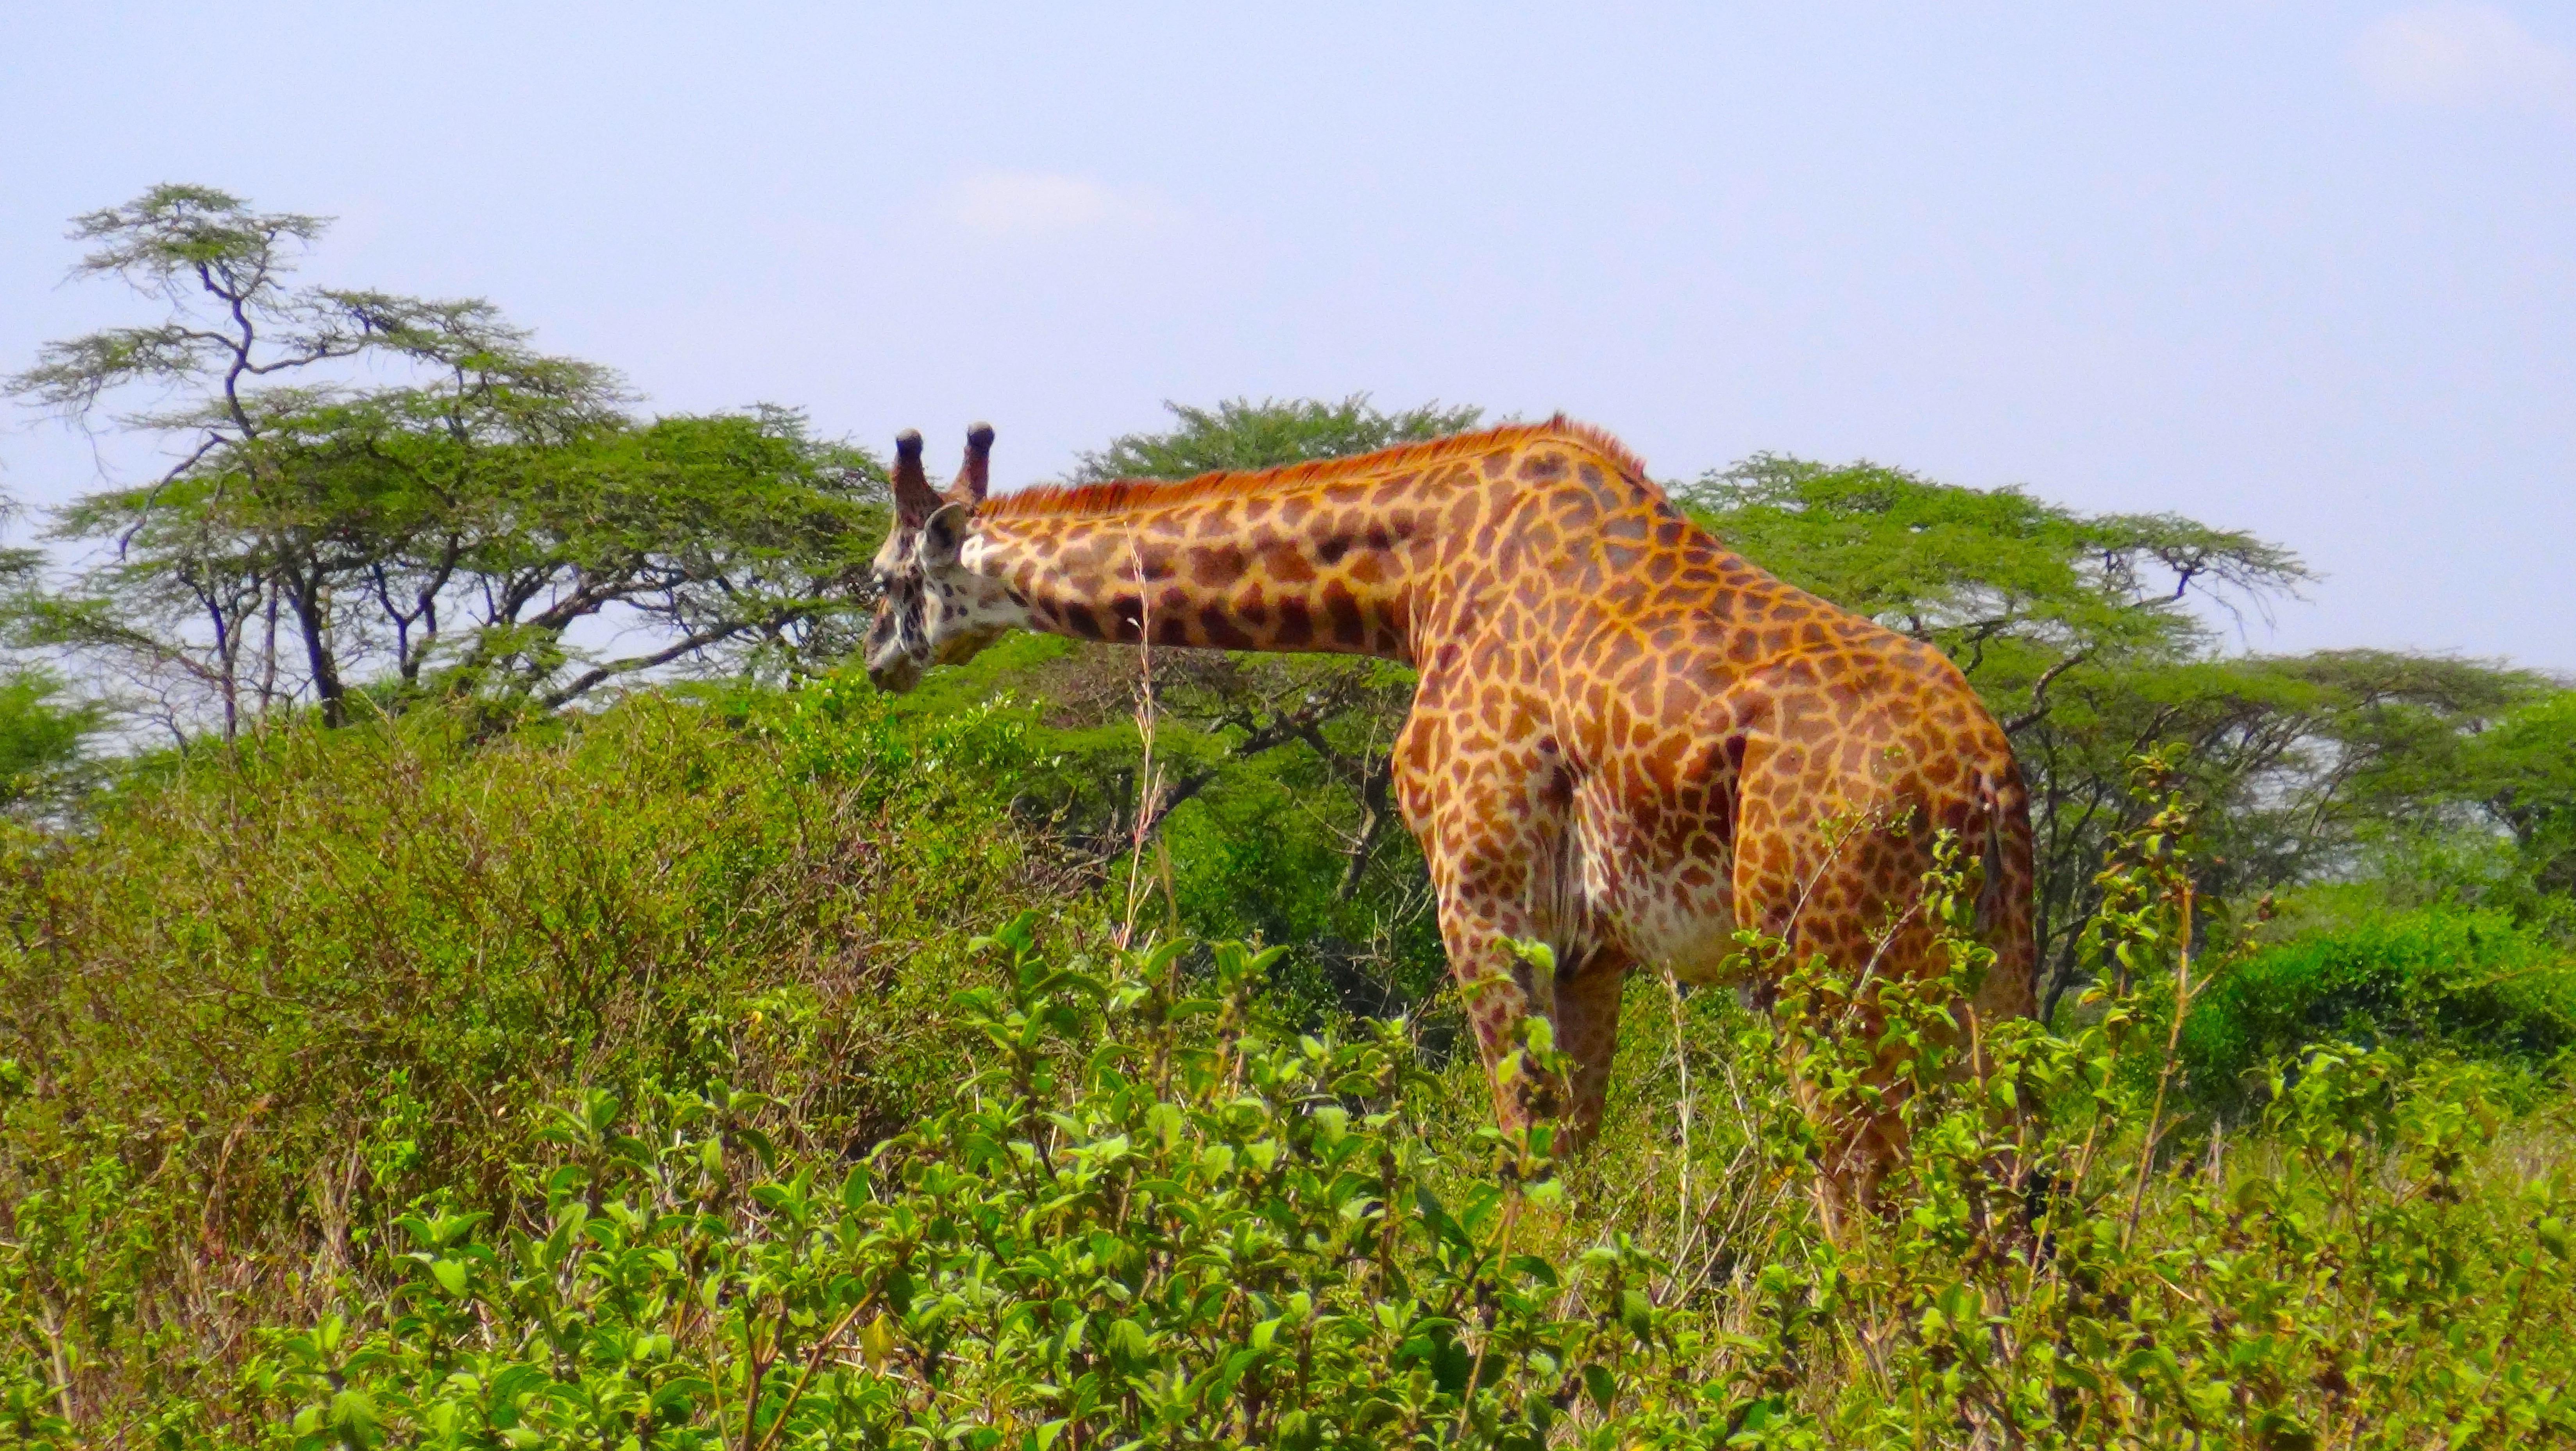 Une girafe noire